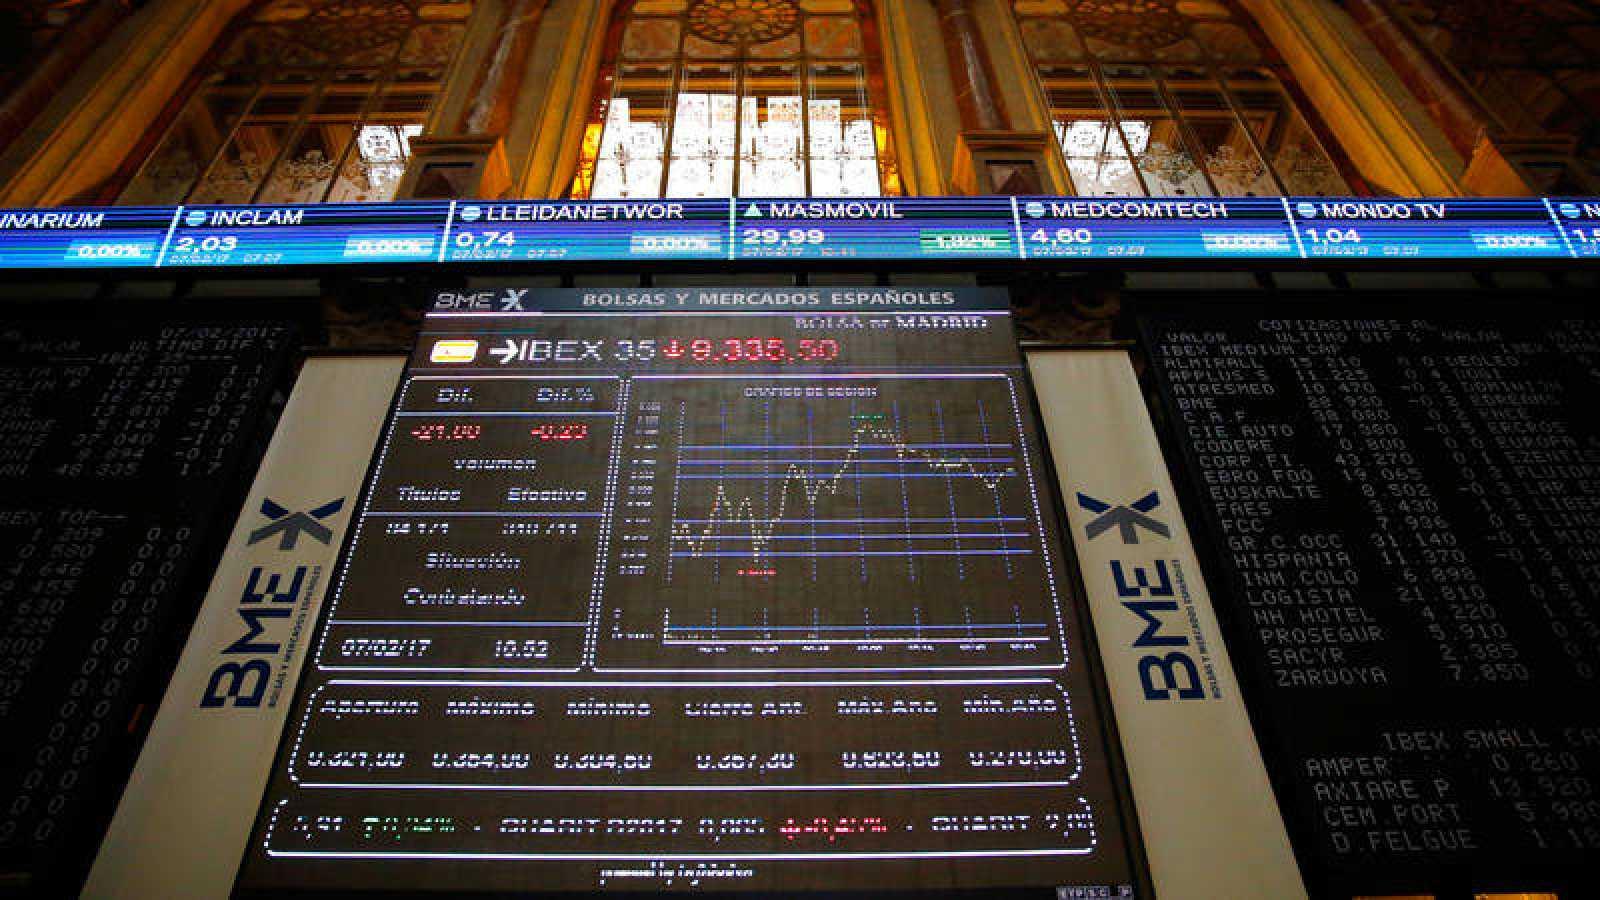 Pantalla con la evolución del Ibex 35 en la Bolsa de Madrid